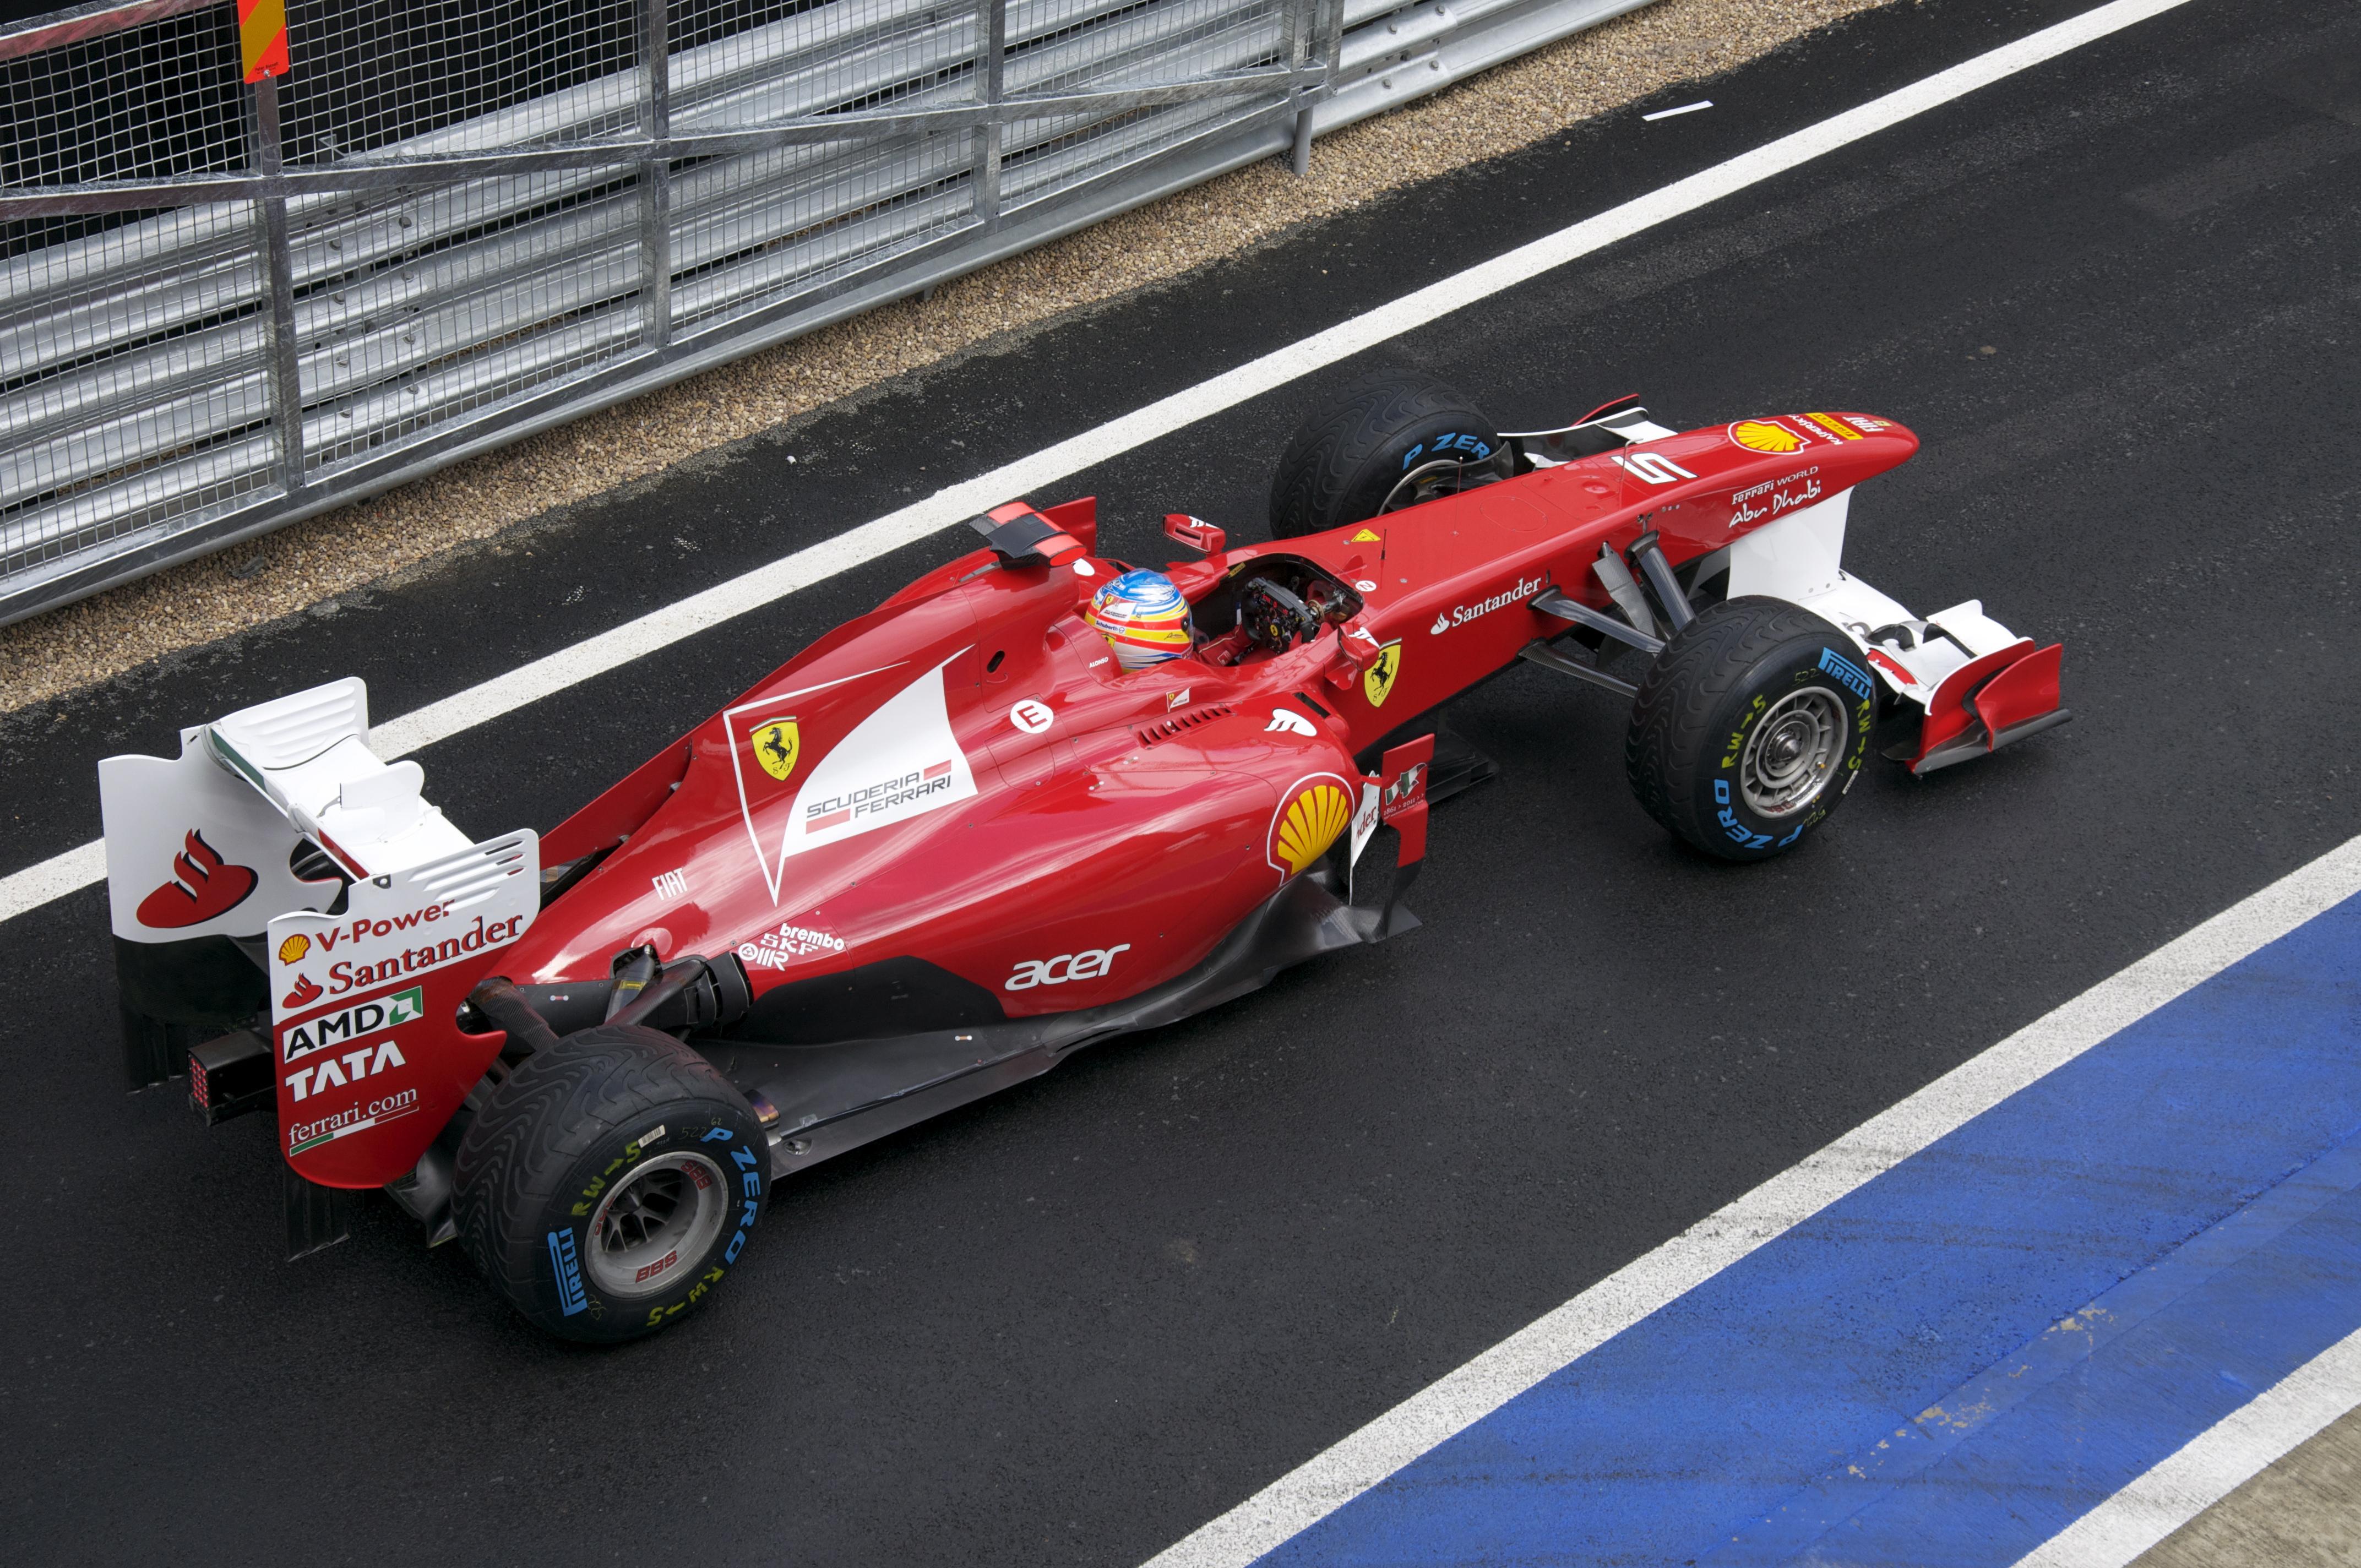 File:Alonso at pit-lane 2011 British GP.jpg - Wikimedia Commons